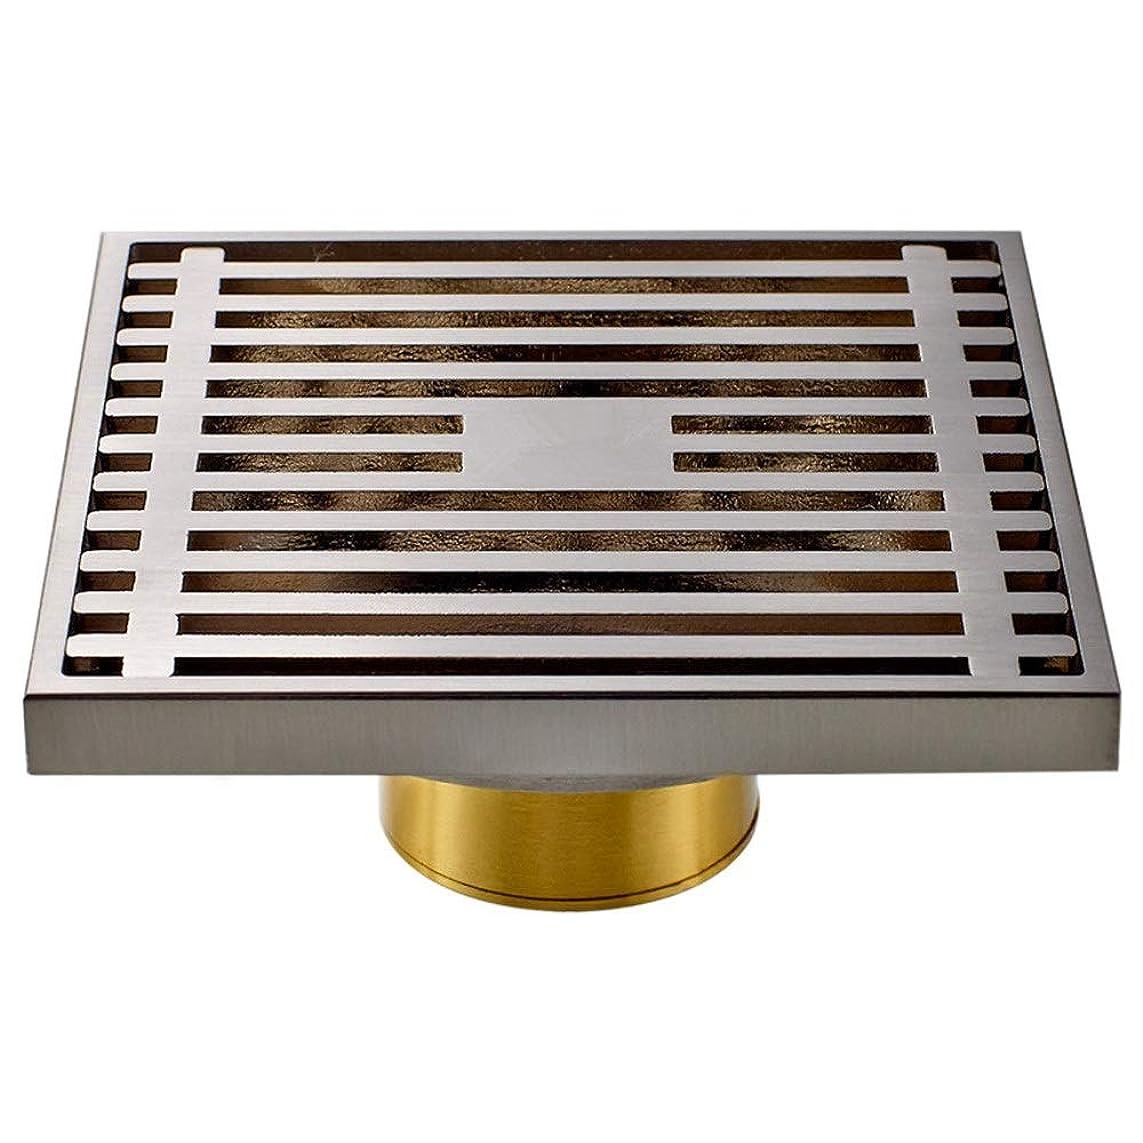 親指ブルーベル地味な床排水銅階浴室キッチン(シルバー)のための大きな変位バスルームデオドラント床ドレン工場ドレイン 浴槽の詰まり防止 (色 : 銀, サイズ : 10 x 10 x 2.5 cm)